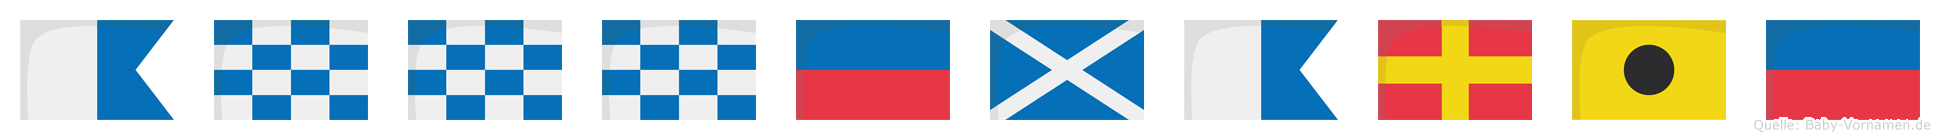 Annnemarie im Flaggenalphabet